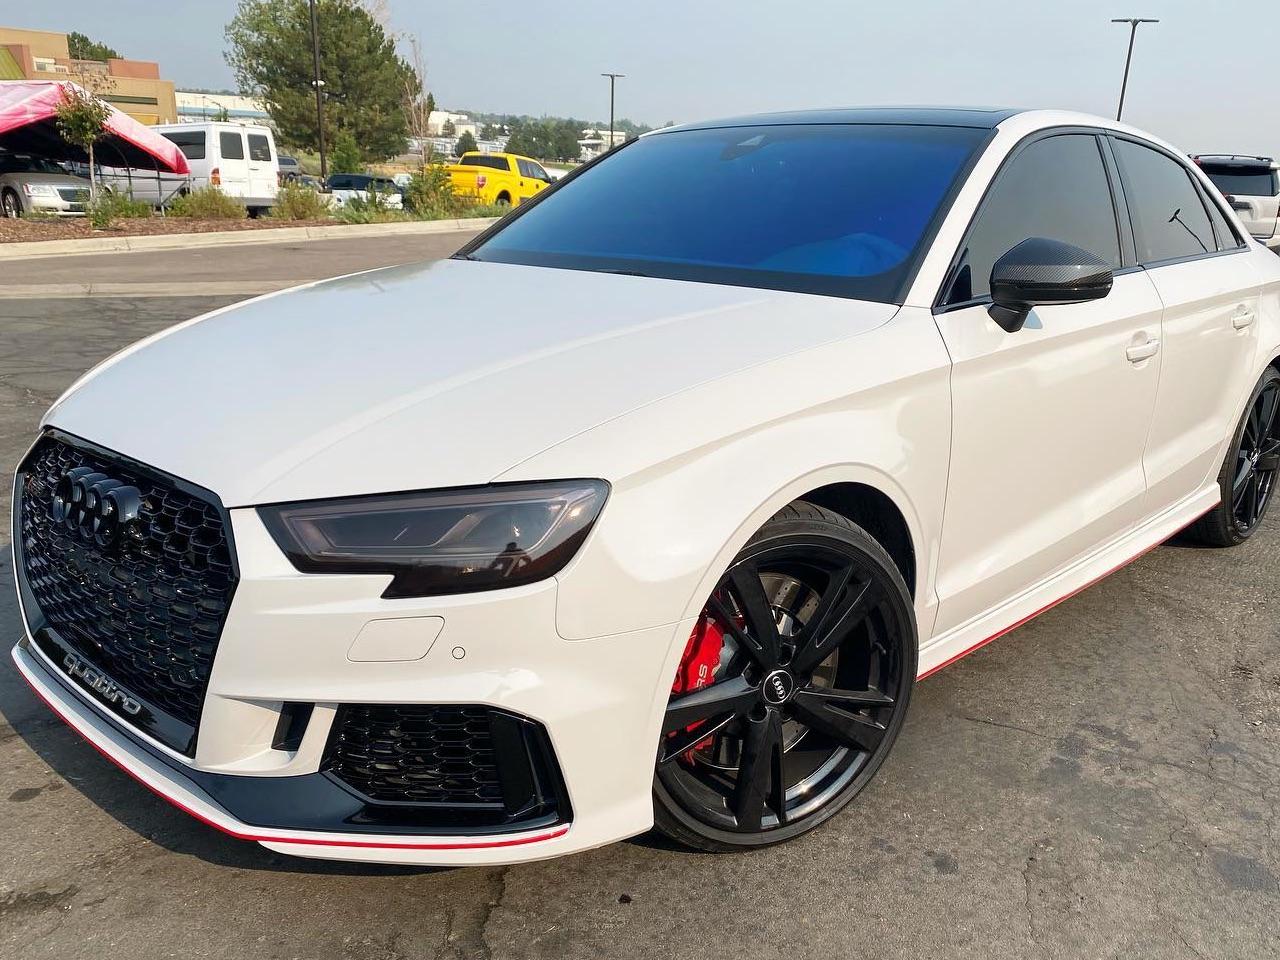 Audi Quattro ceramic window tinting side view